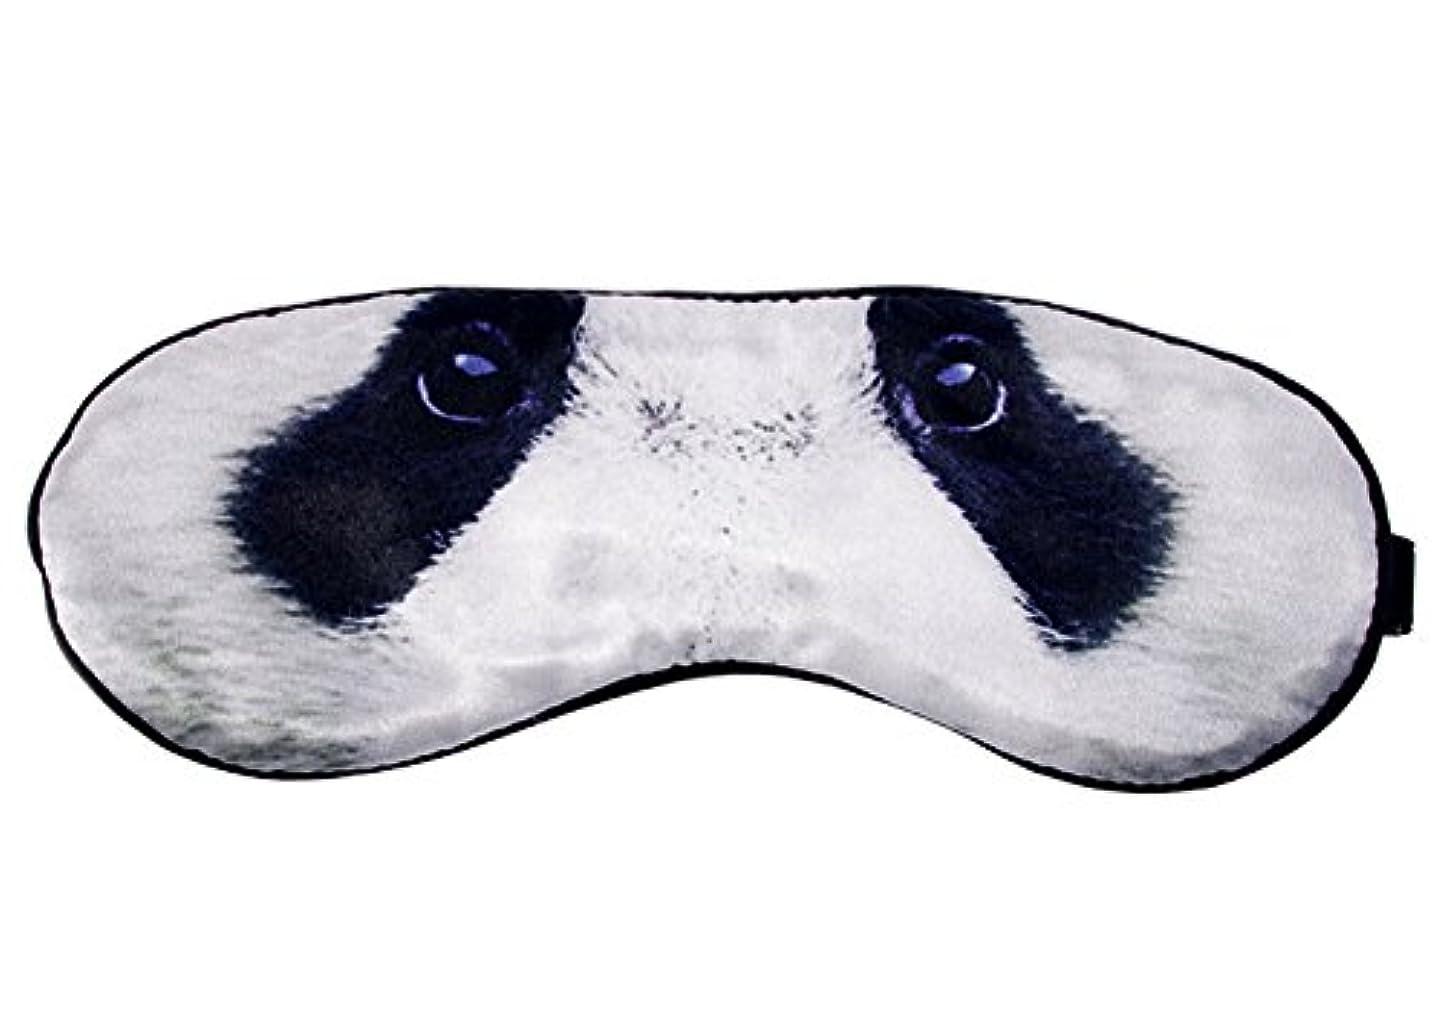 アコード旅行者リフト旅行や昼寝のための睡眠用弾性アイシェード目隠し用クールパンダシルクアイマスク